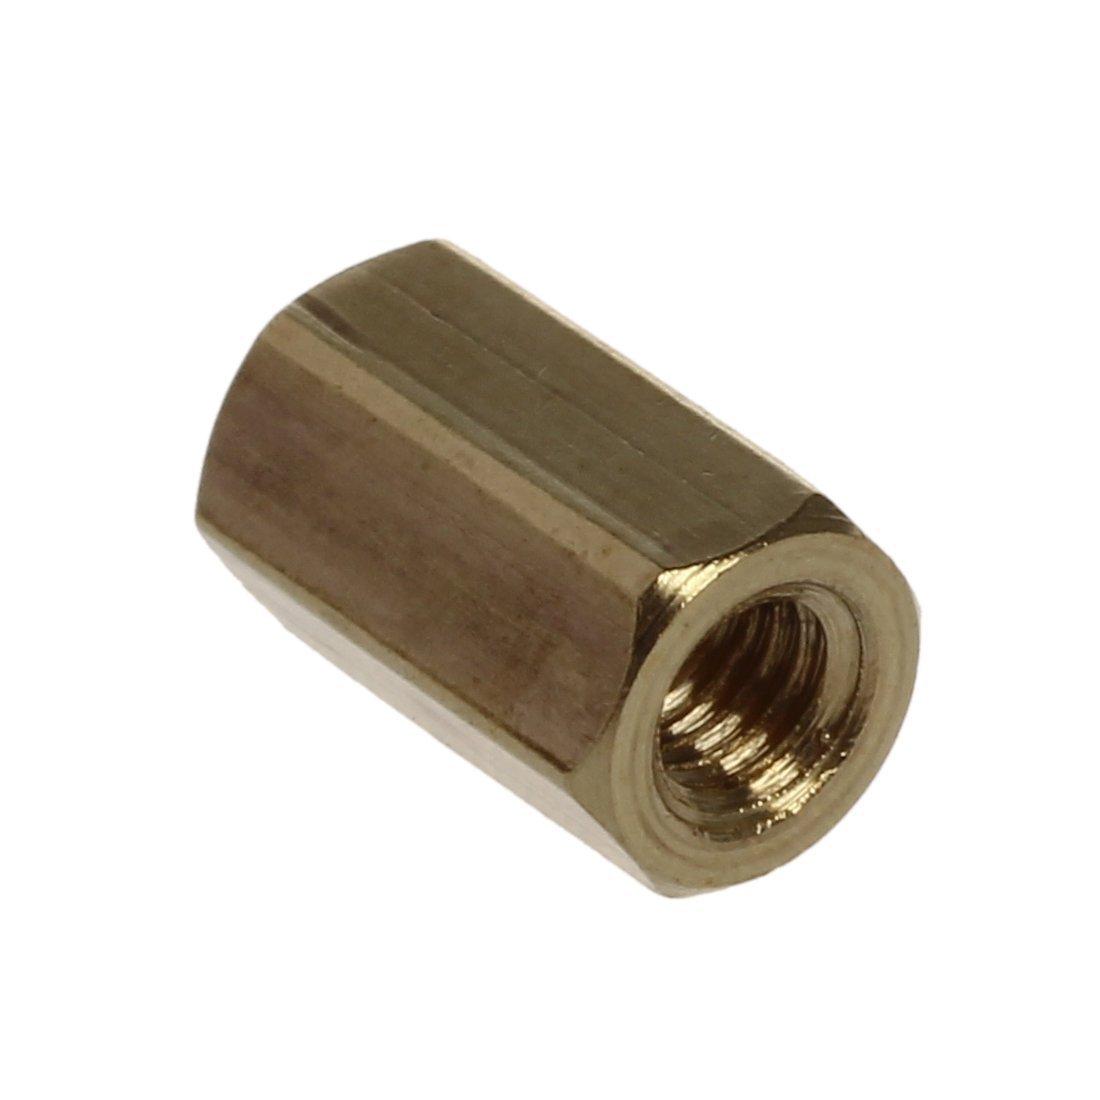 TOOGOO 50 x 8mm de longueur M3 Femelle Vis cylindrique hexagonale dentretoise de PCB R